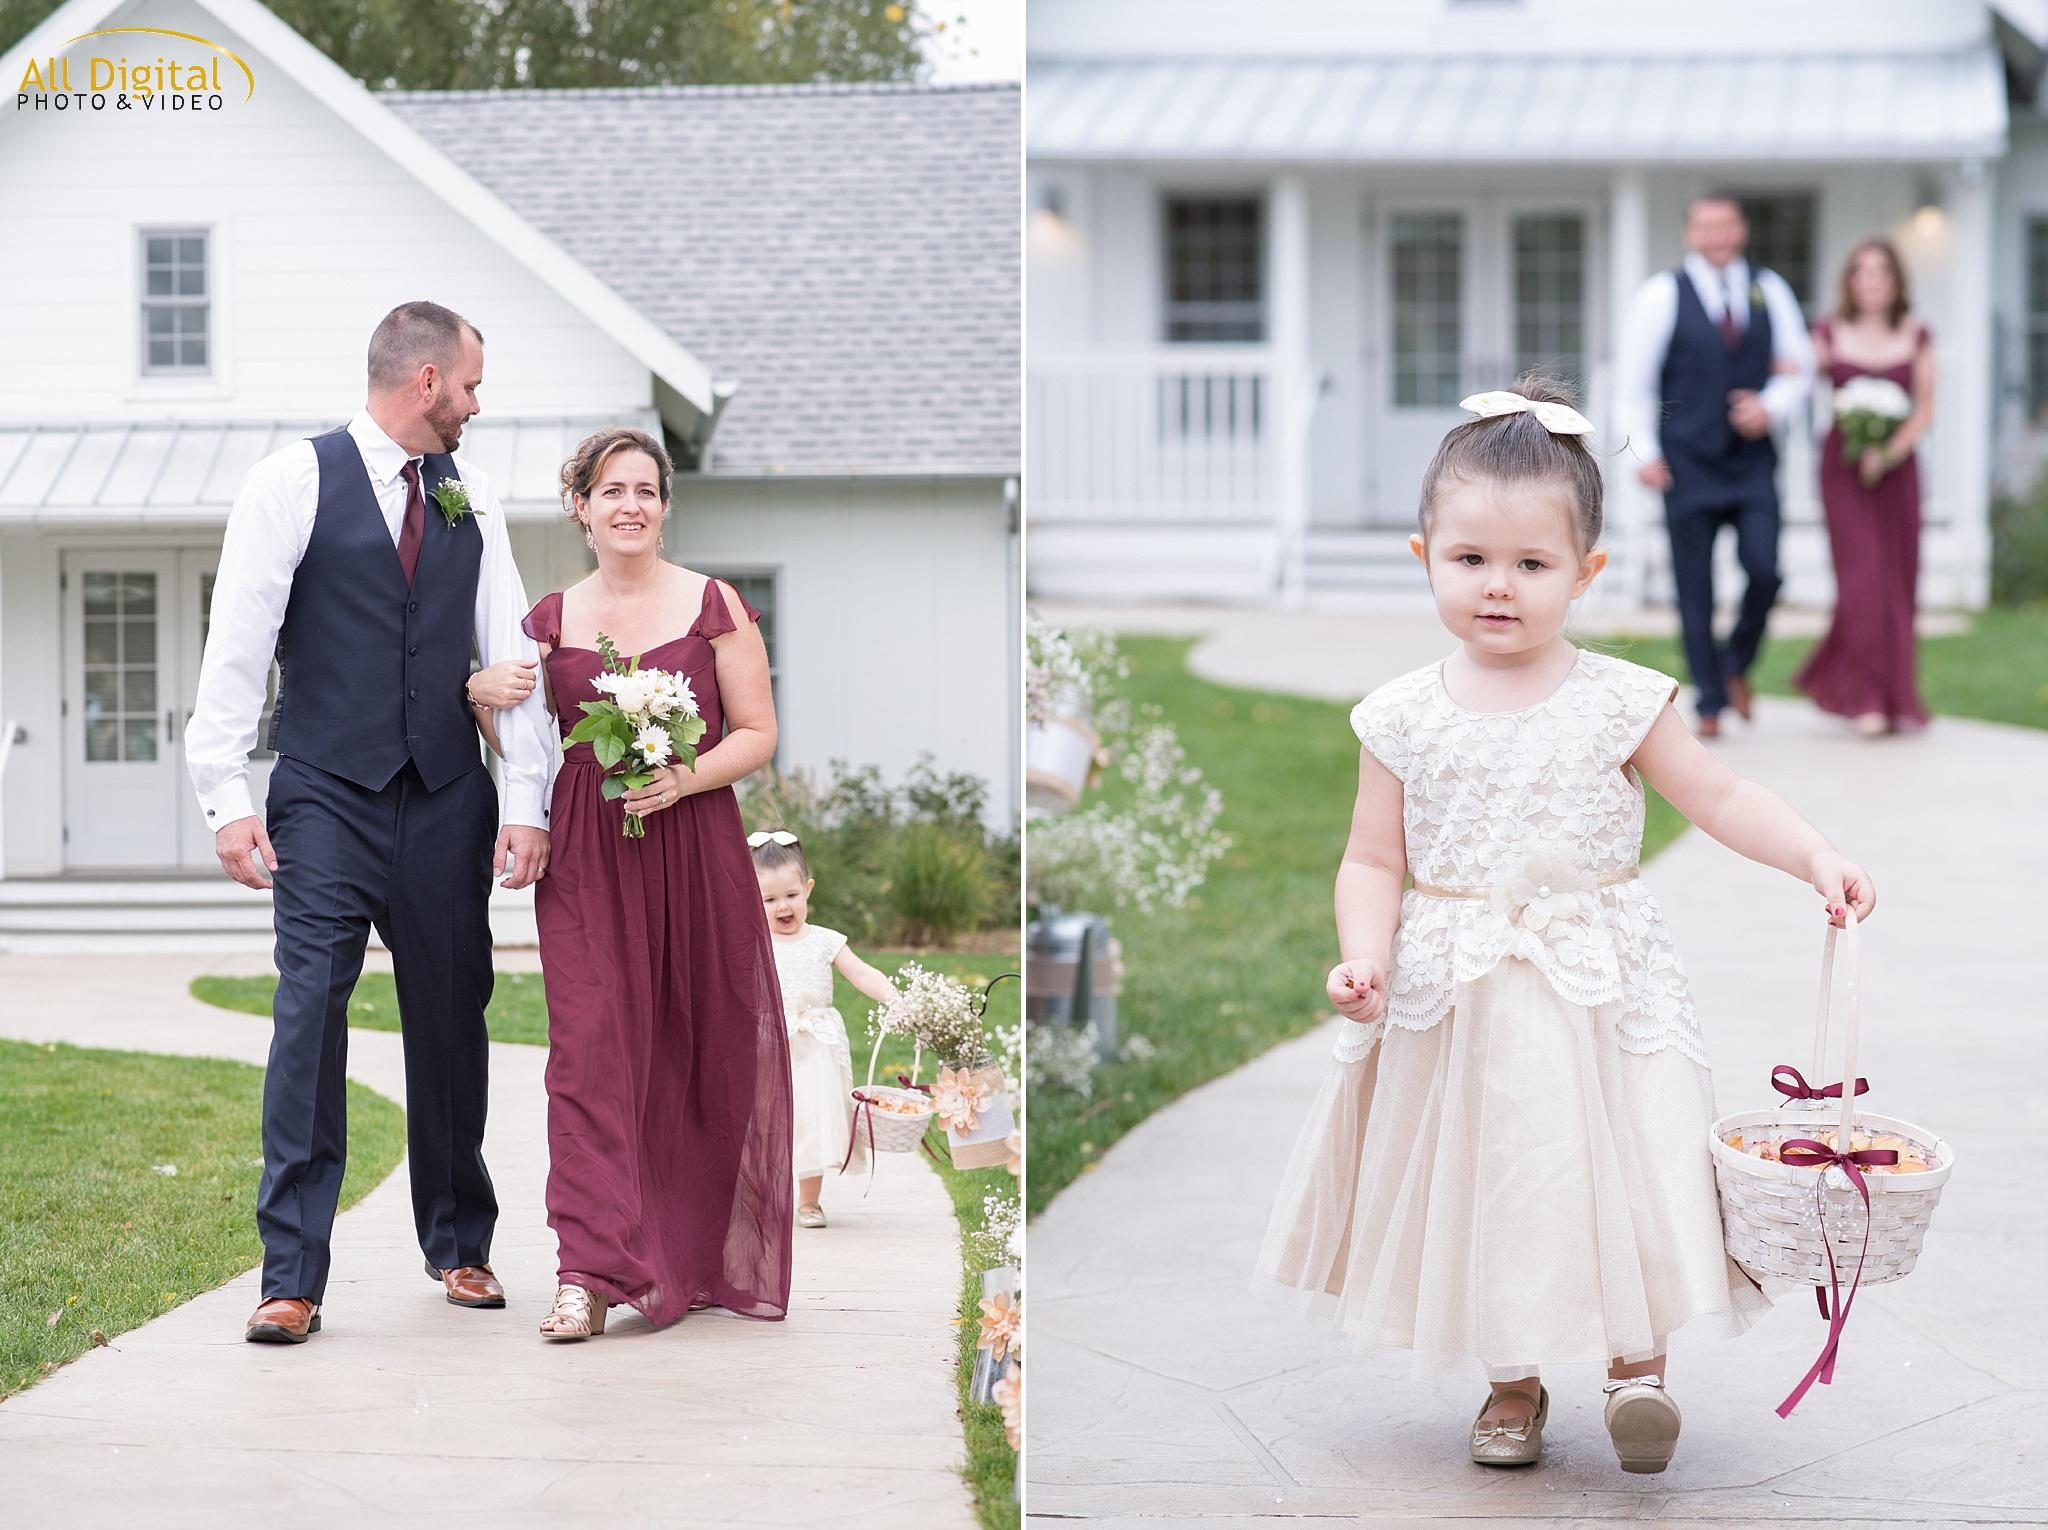 Bridal Party Walking Down the Aisle at Raccoon Creek.